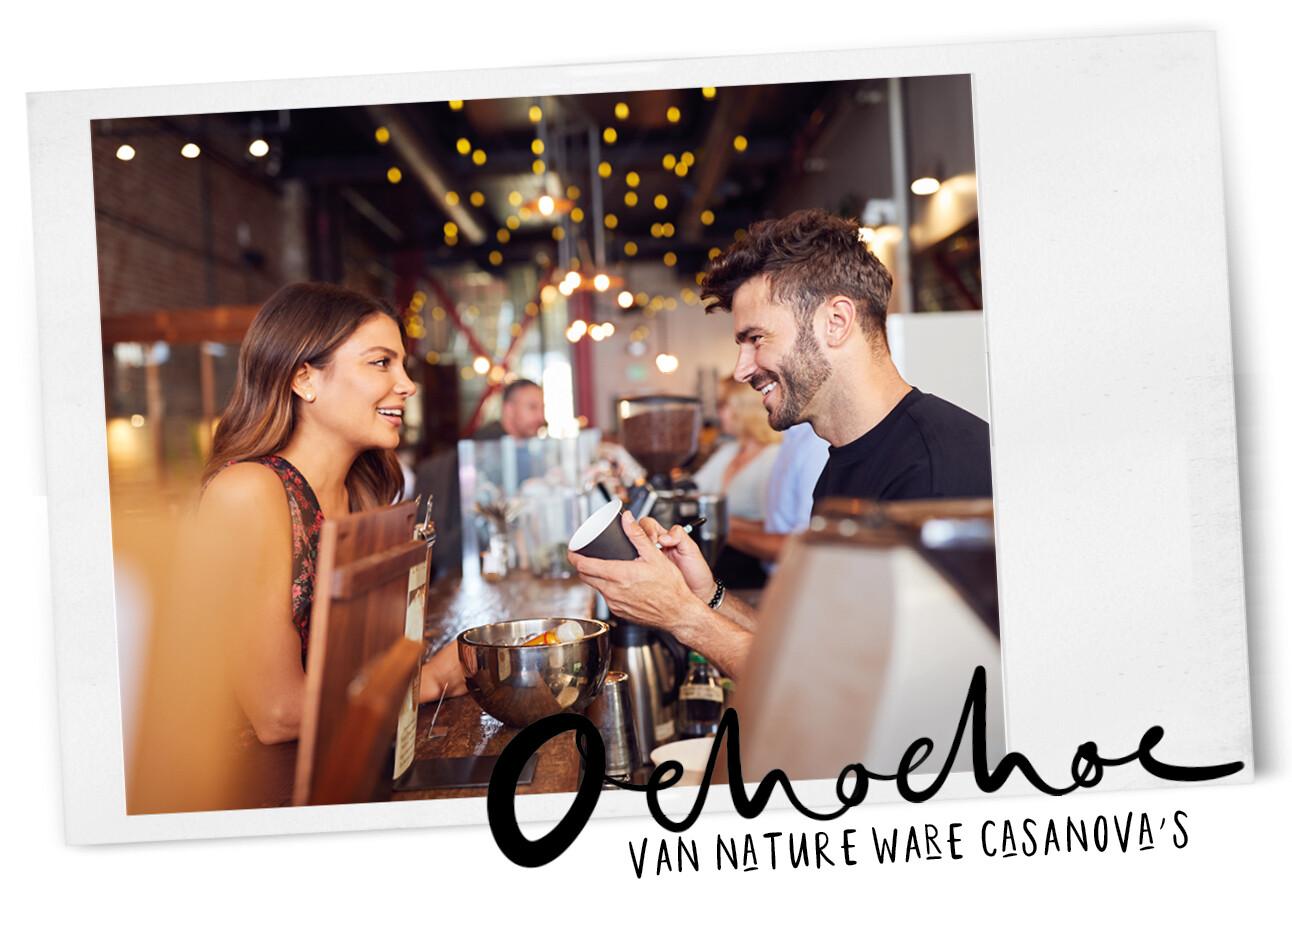 vrouw en man aan het flirten in koffie tentje